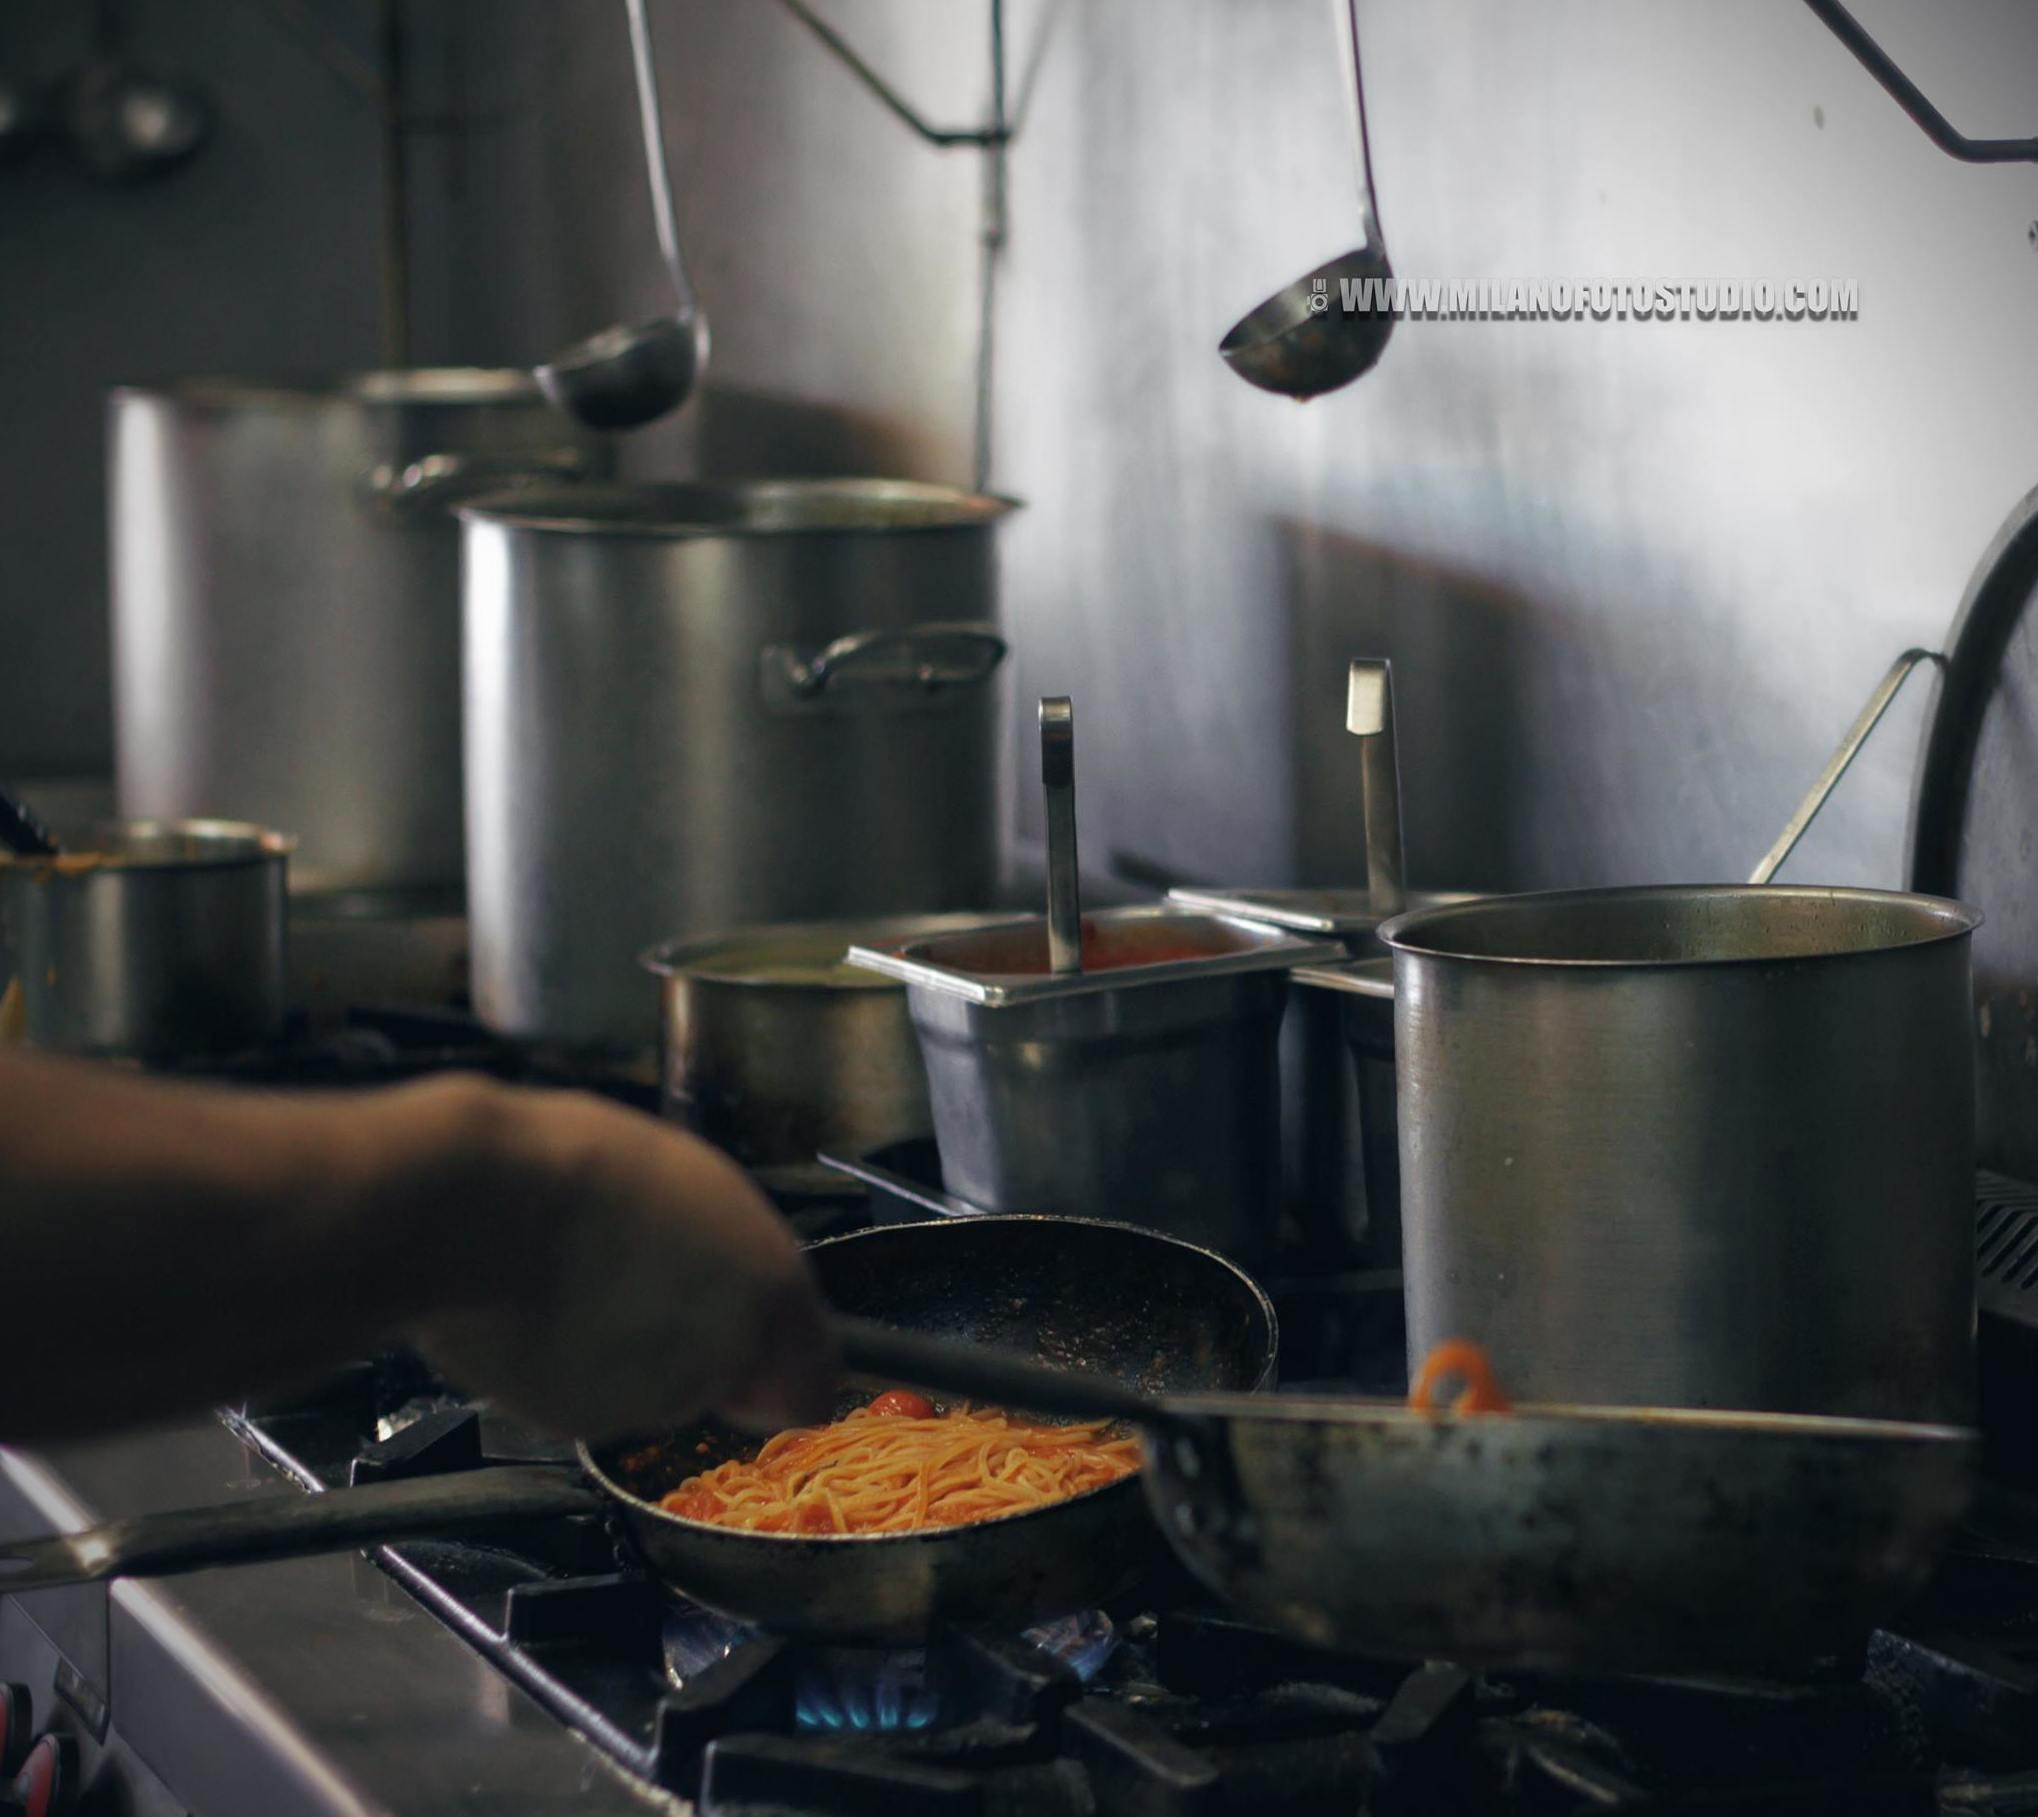 Foto 5 de Fusión de cocina italiana y canaria en Telde | El Mago Karlín Restaurante Melenara